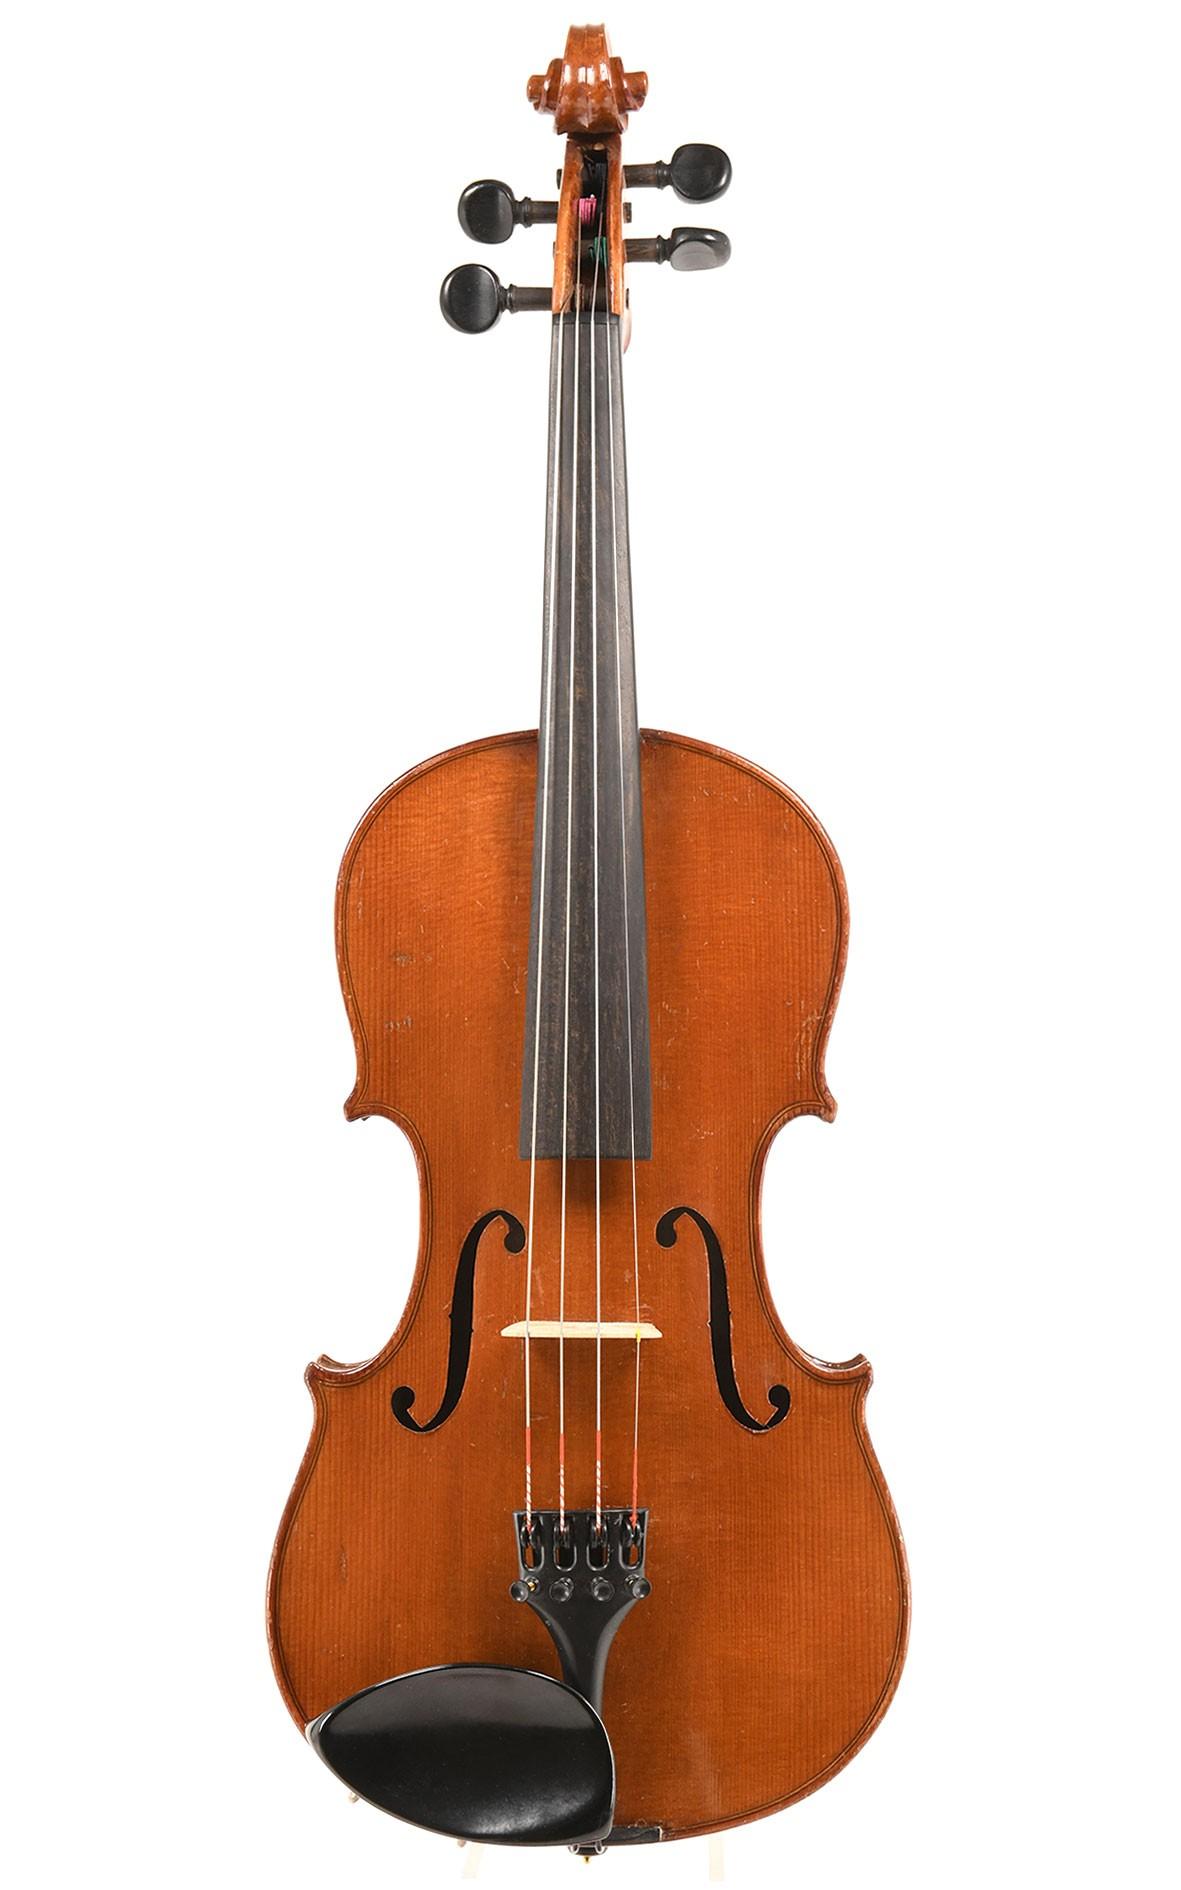 Antique violon allemand, Markneukirchen, d'après Stradivarius